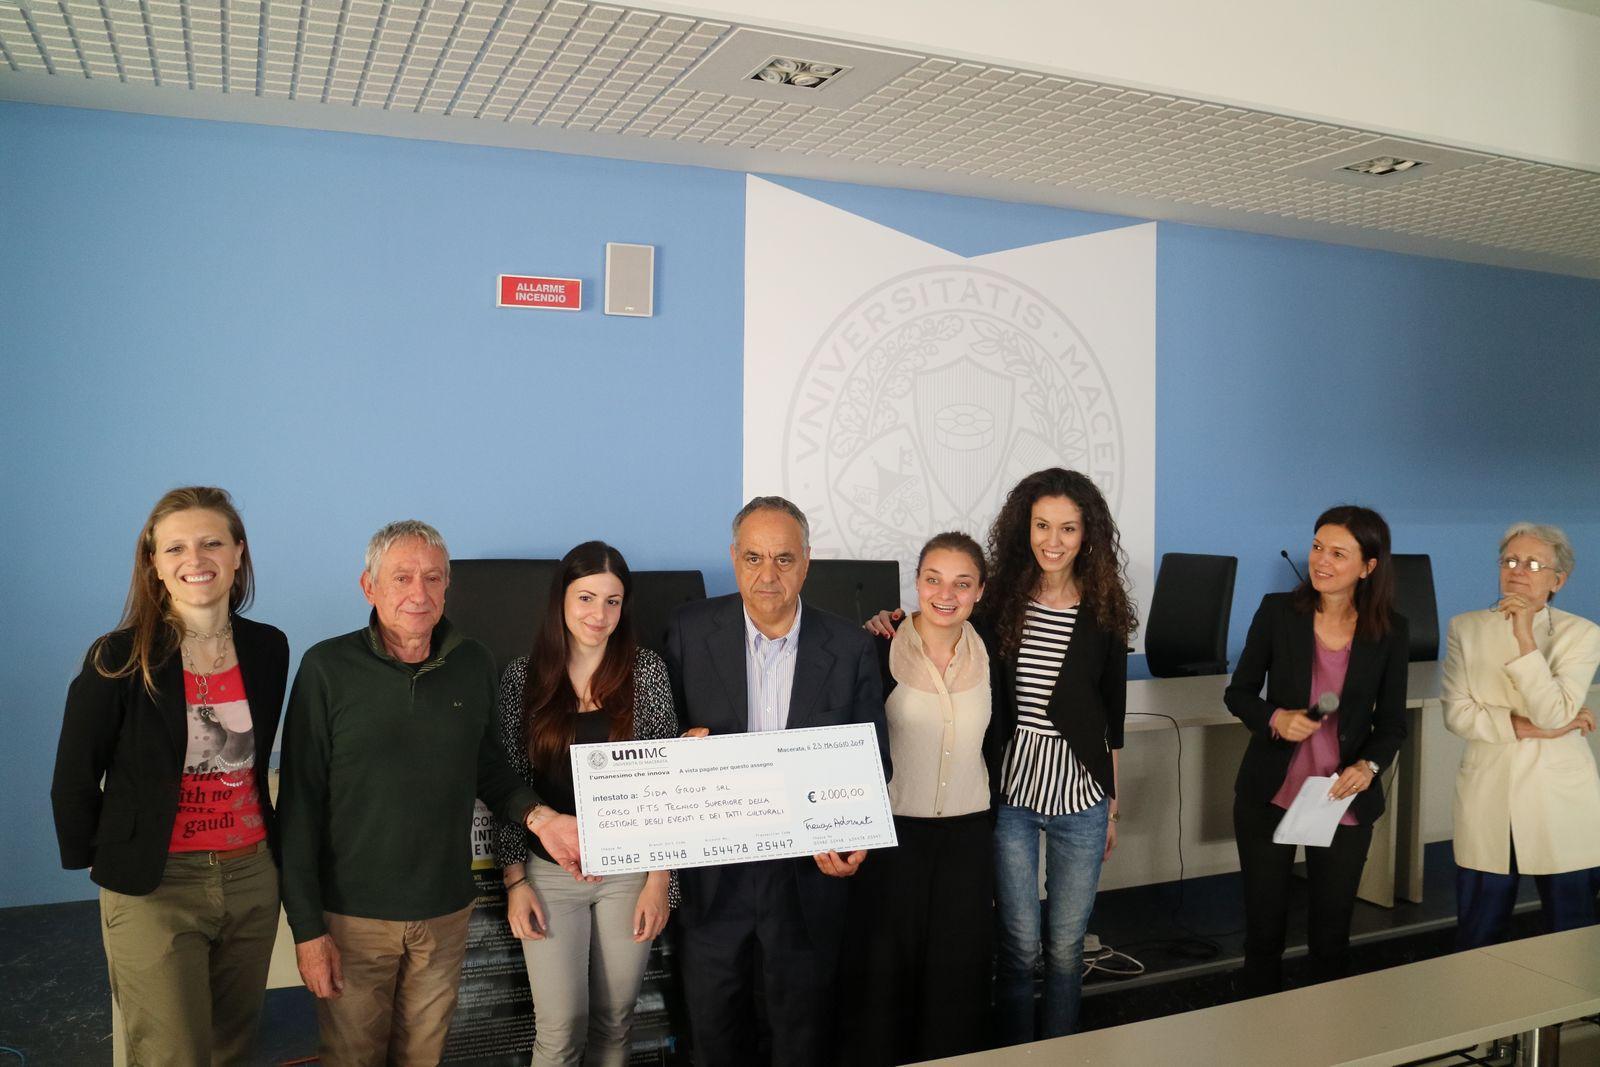 Unimc e Confindustria Macerata, premiate le idee dei giovani studenti